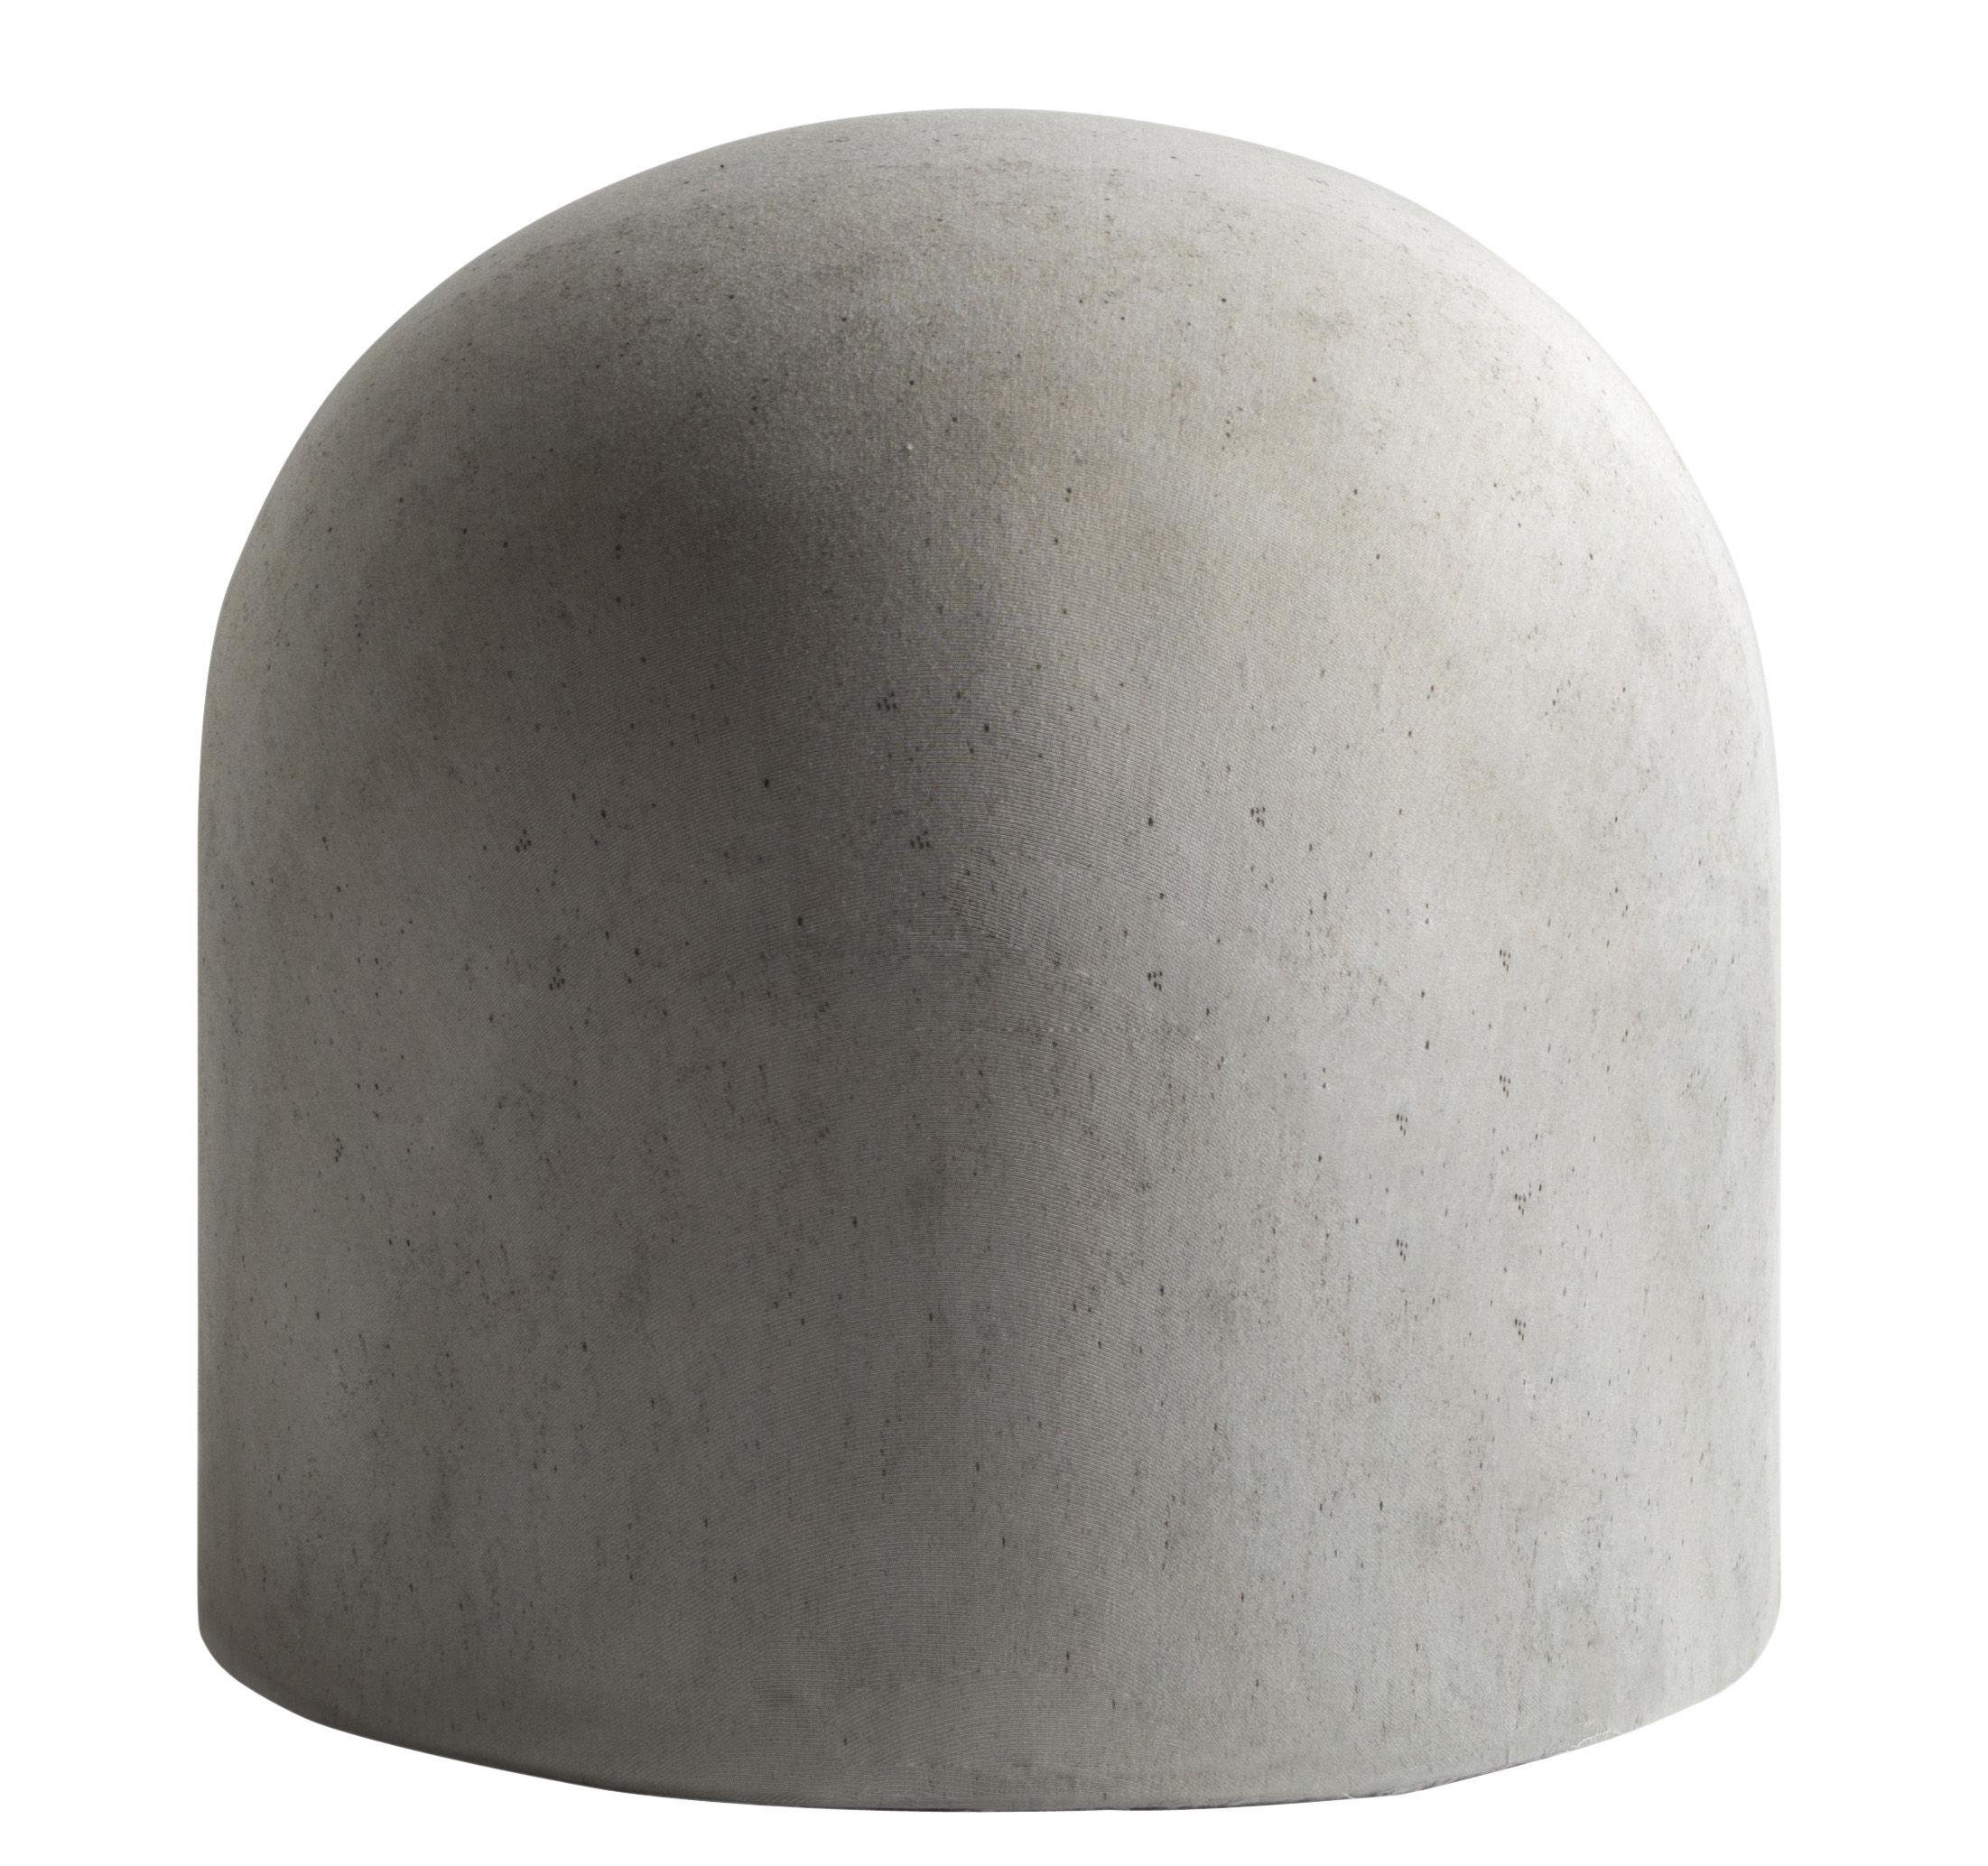 Arredamento - Pouf - Pouf Bard - / Imbottito di Internoitaliano - Grigio cemento - Legno, Schiuma di poliuretano, Tessuto